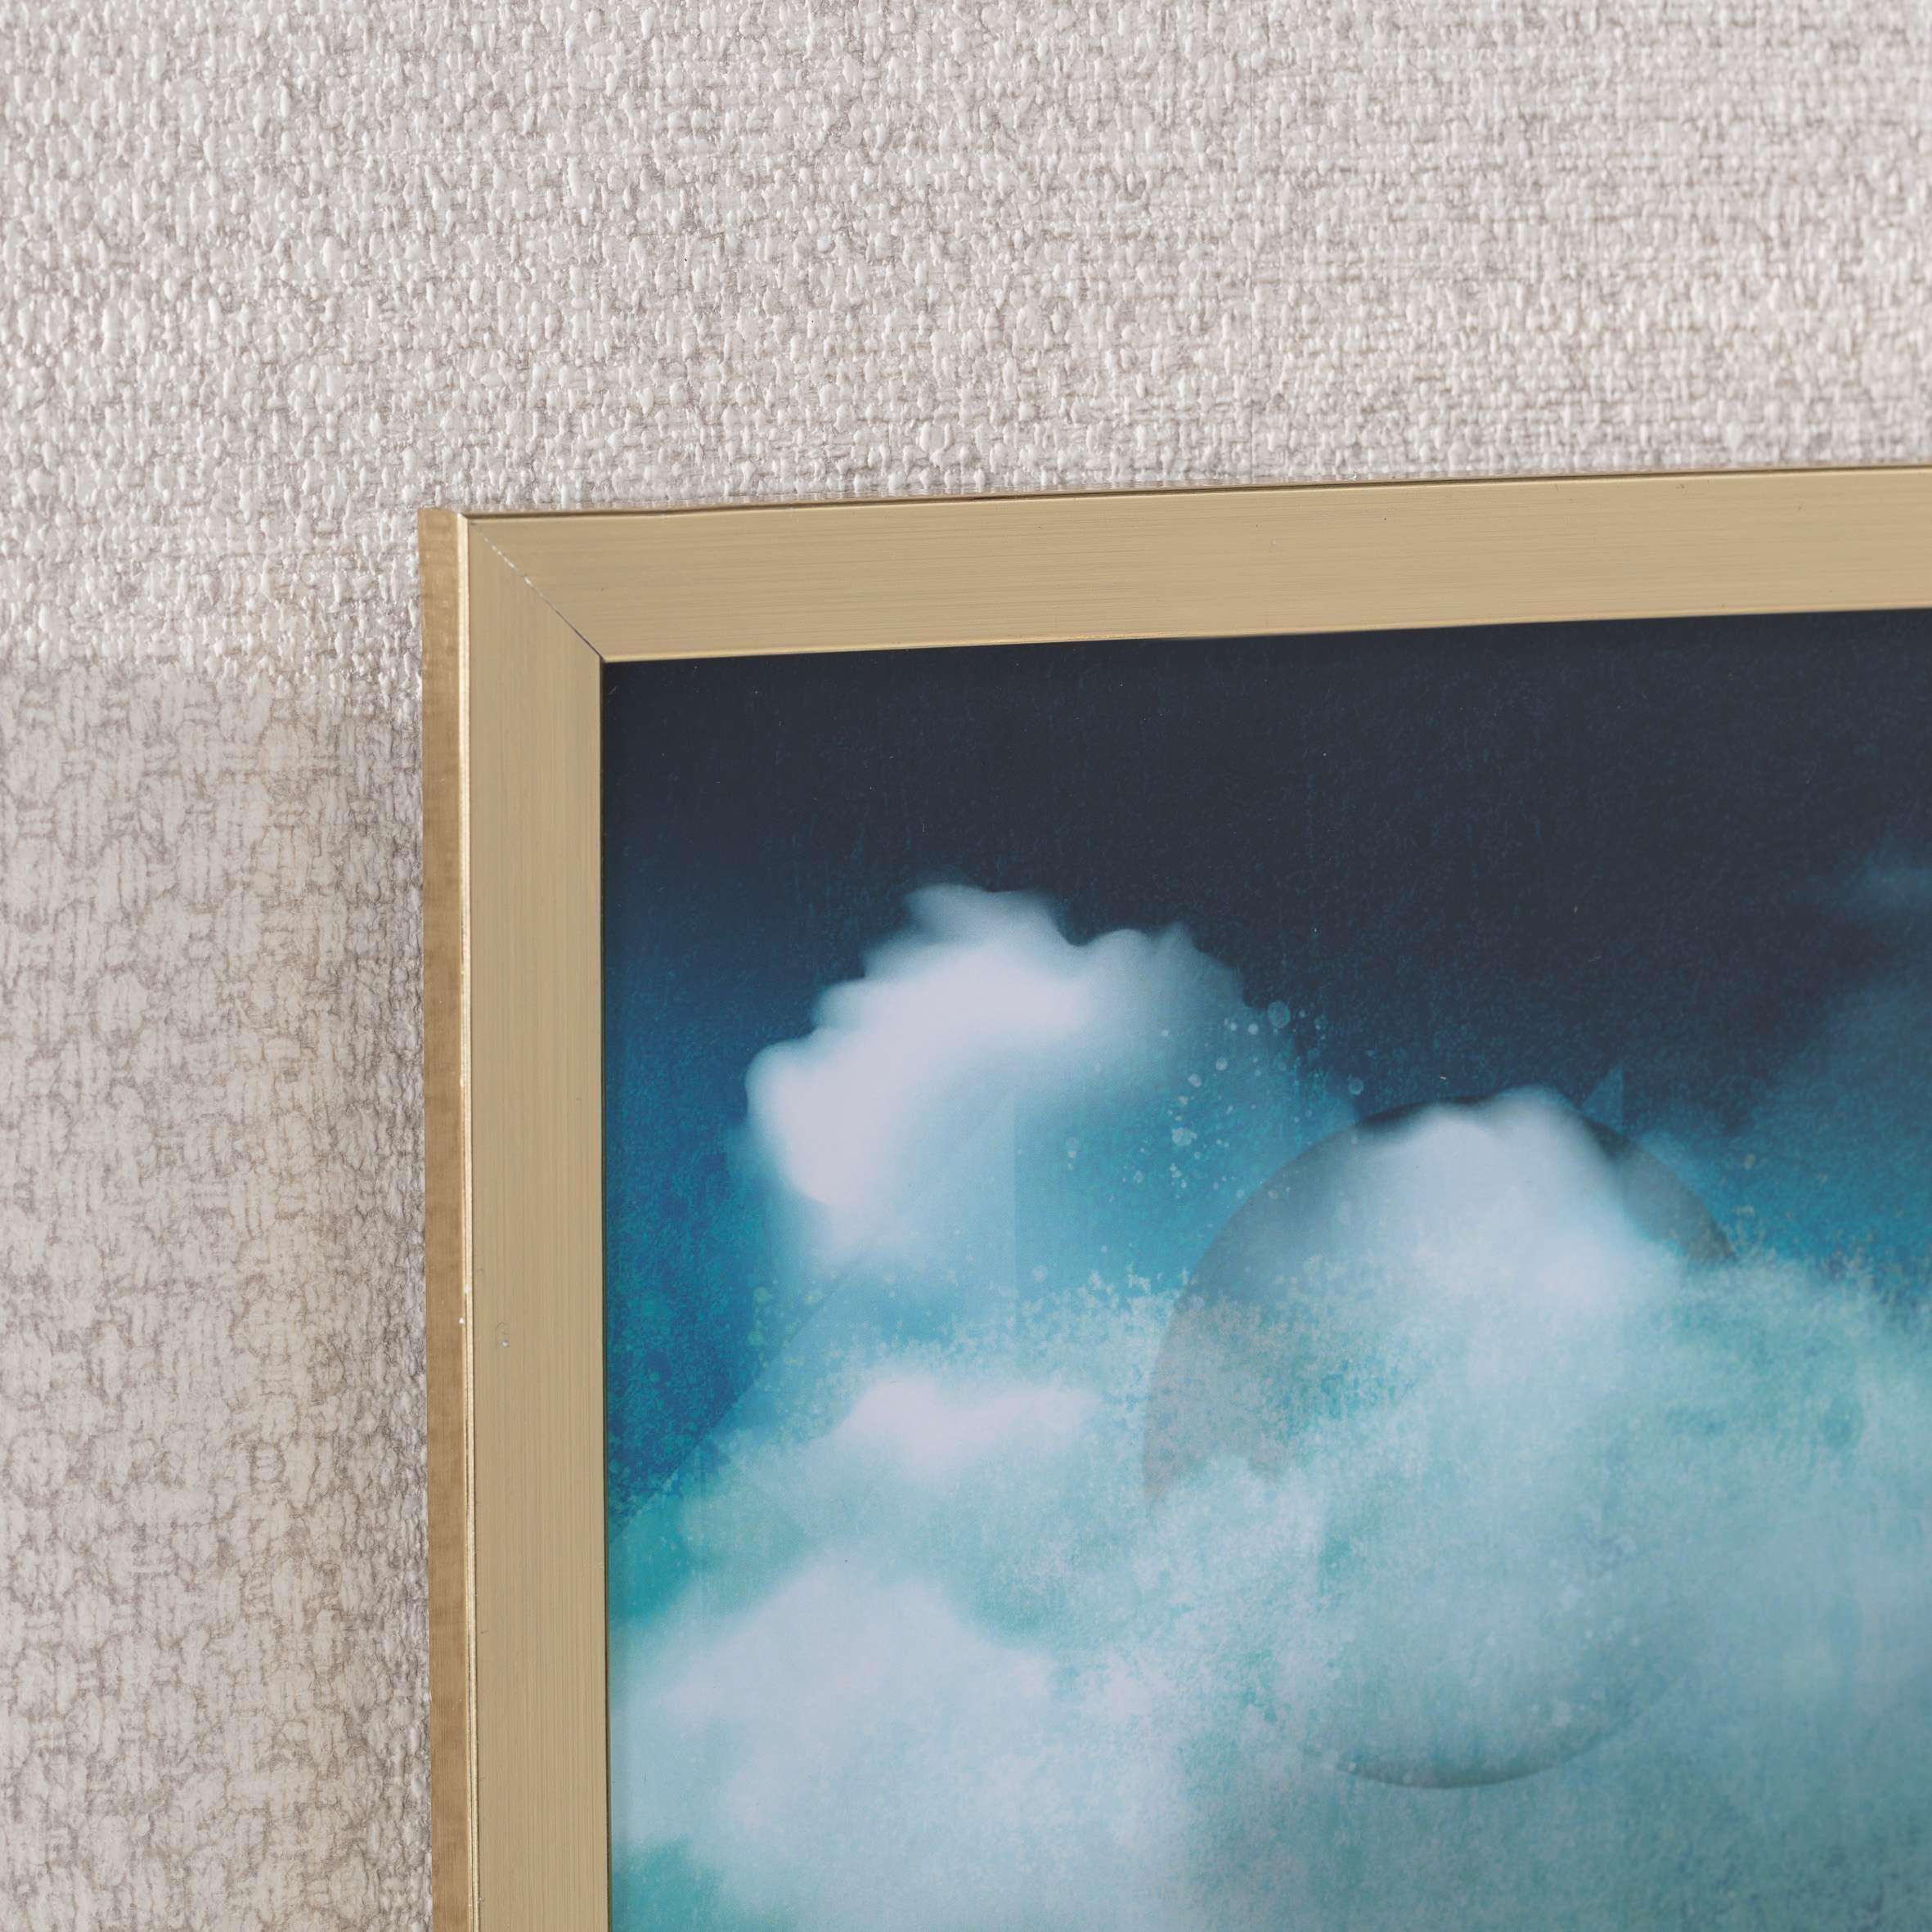 Obraz Impression 30x40cm gold&navy